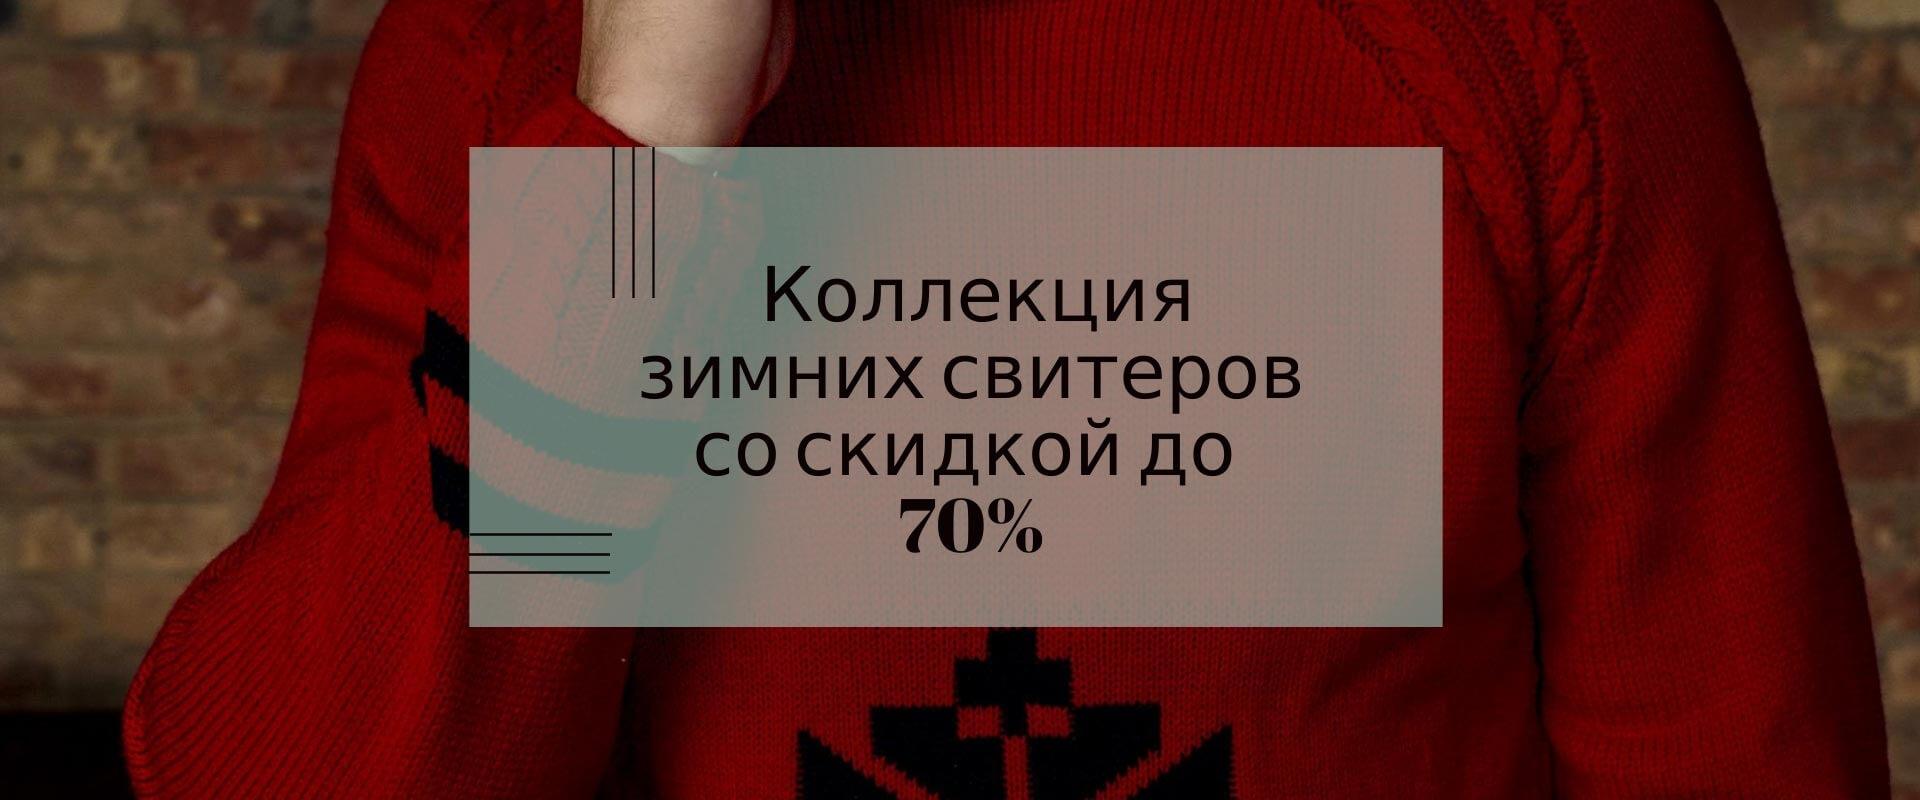 kollekciya-muzhskih-sviterov